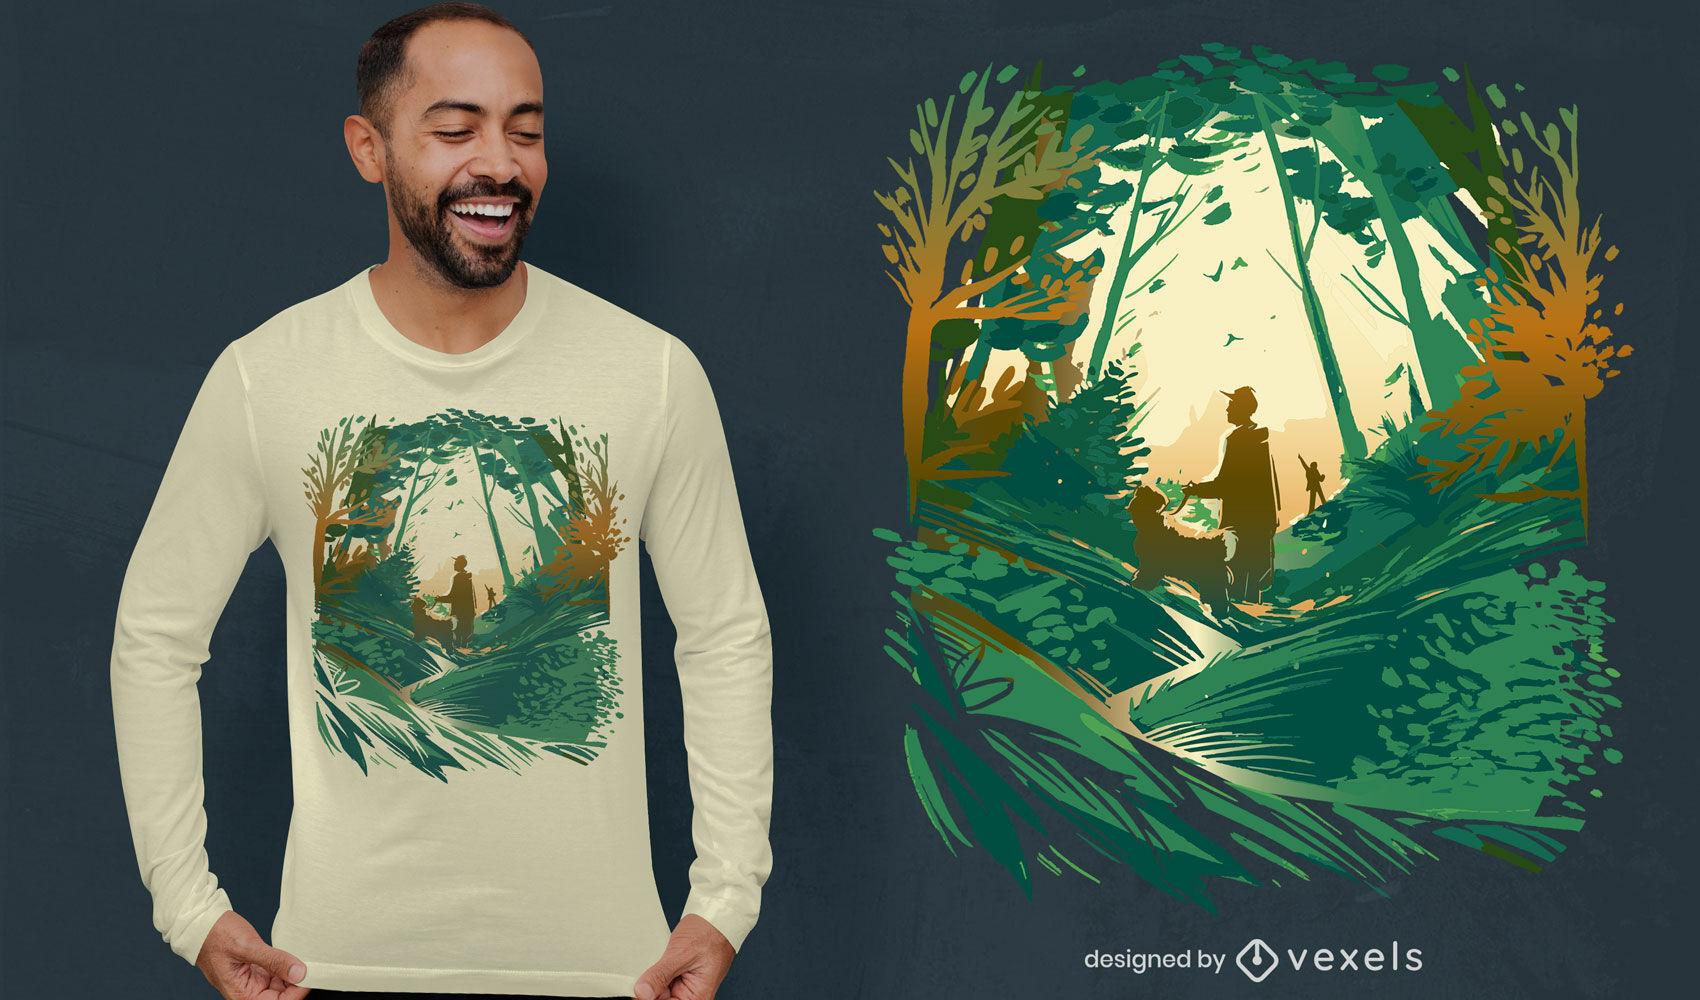 Dise?o de camiseta de perro caminando en el bosque.